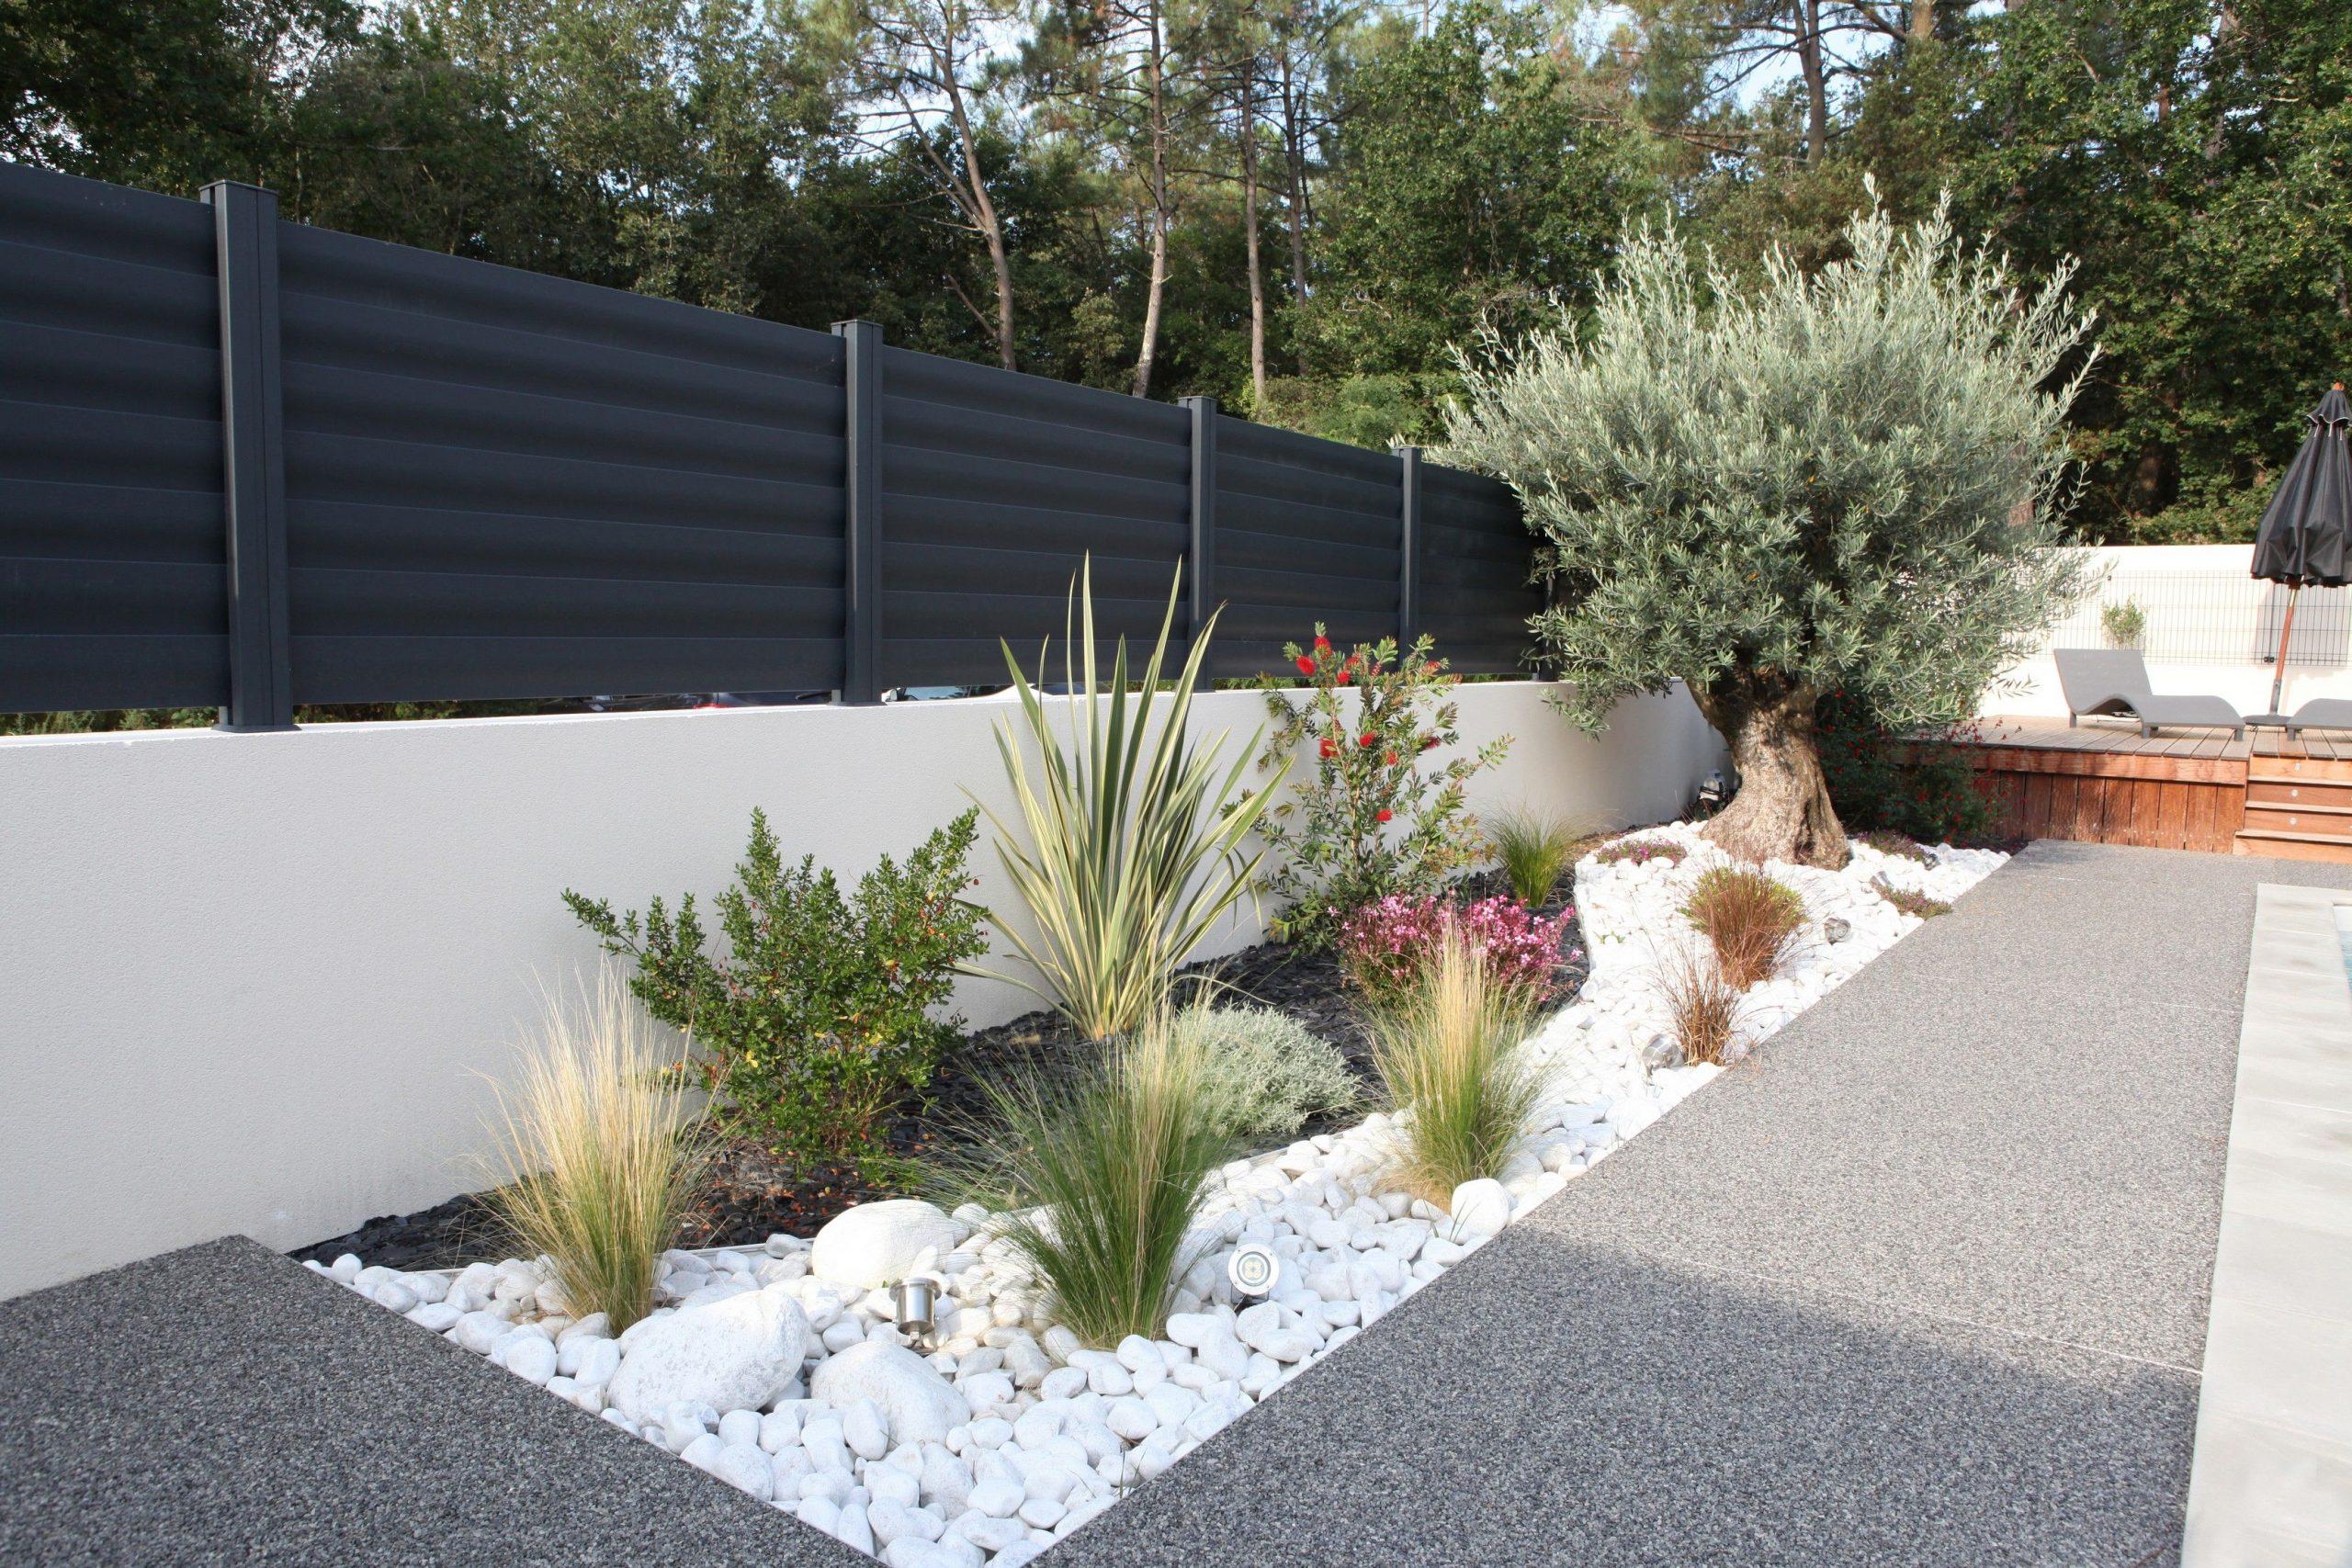 Clôtures Aluminium Modèle Brise Vue #menuiserie #cloturel ... encequiconcerne Amenagement Devant Maison Moderne